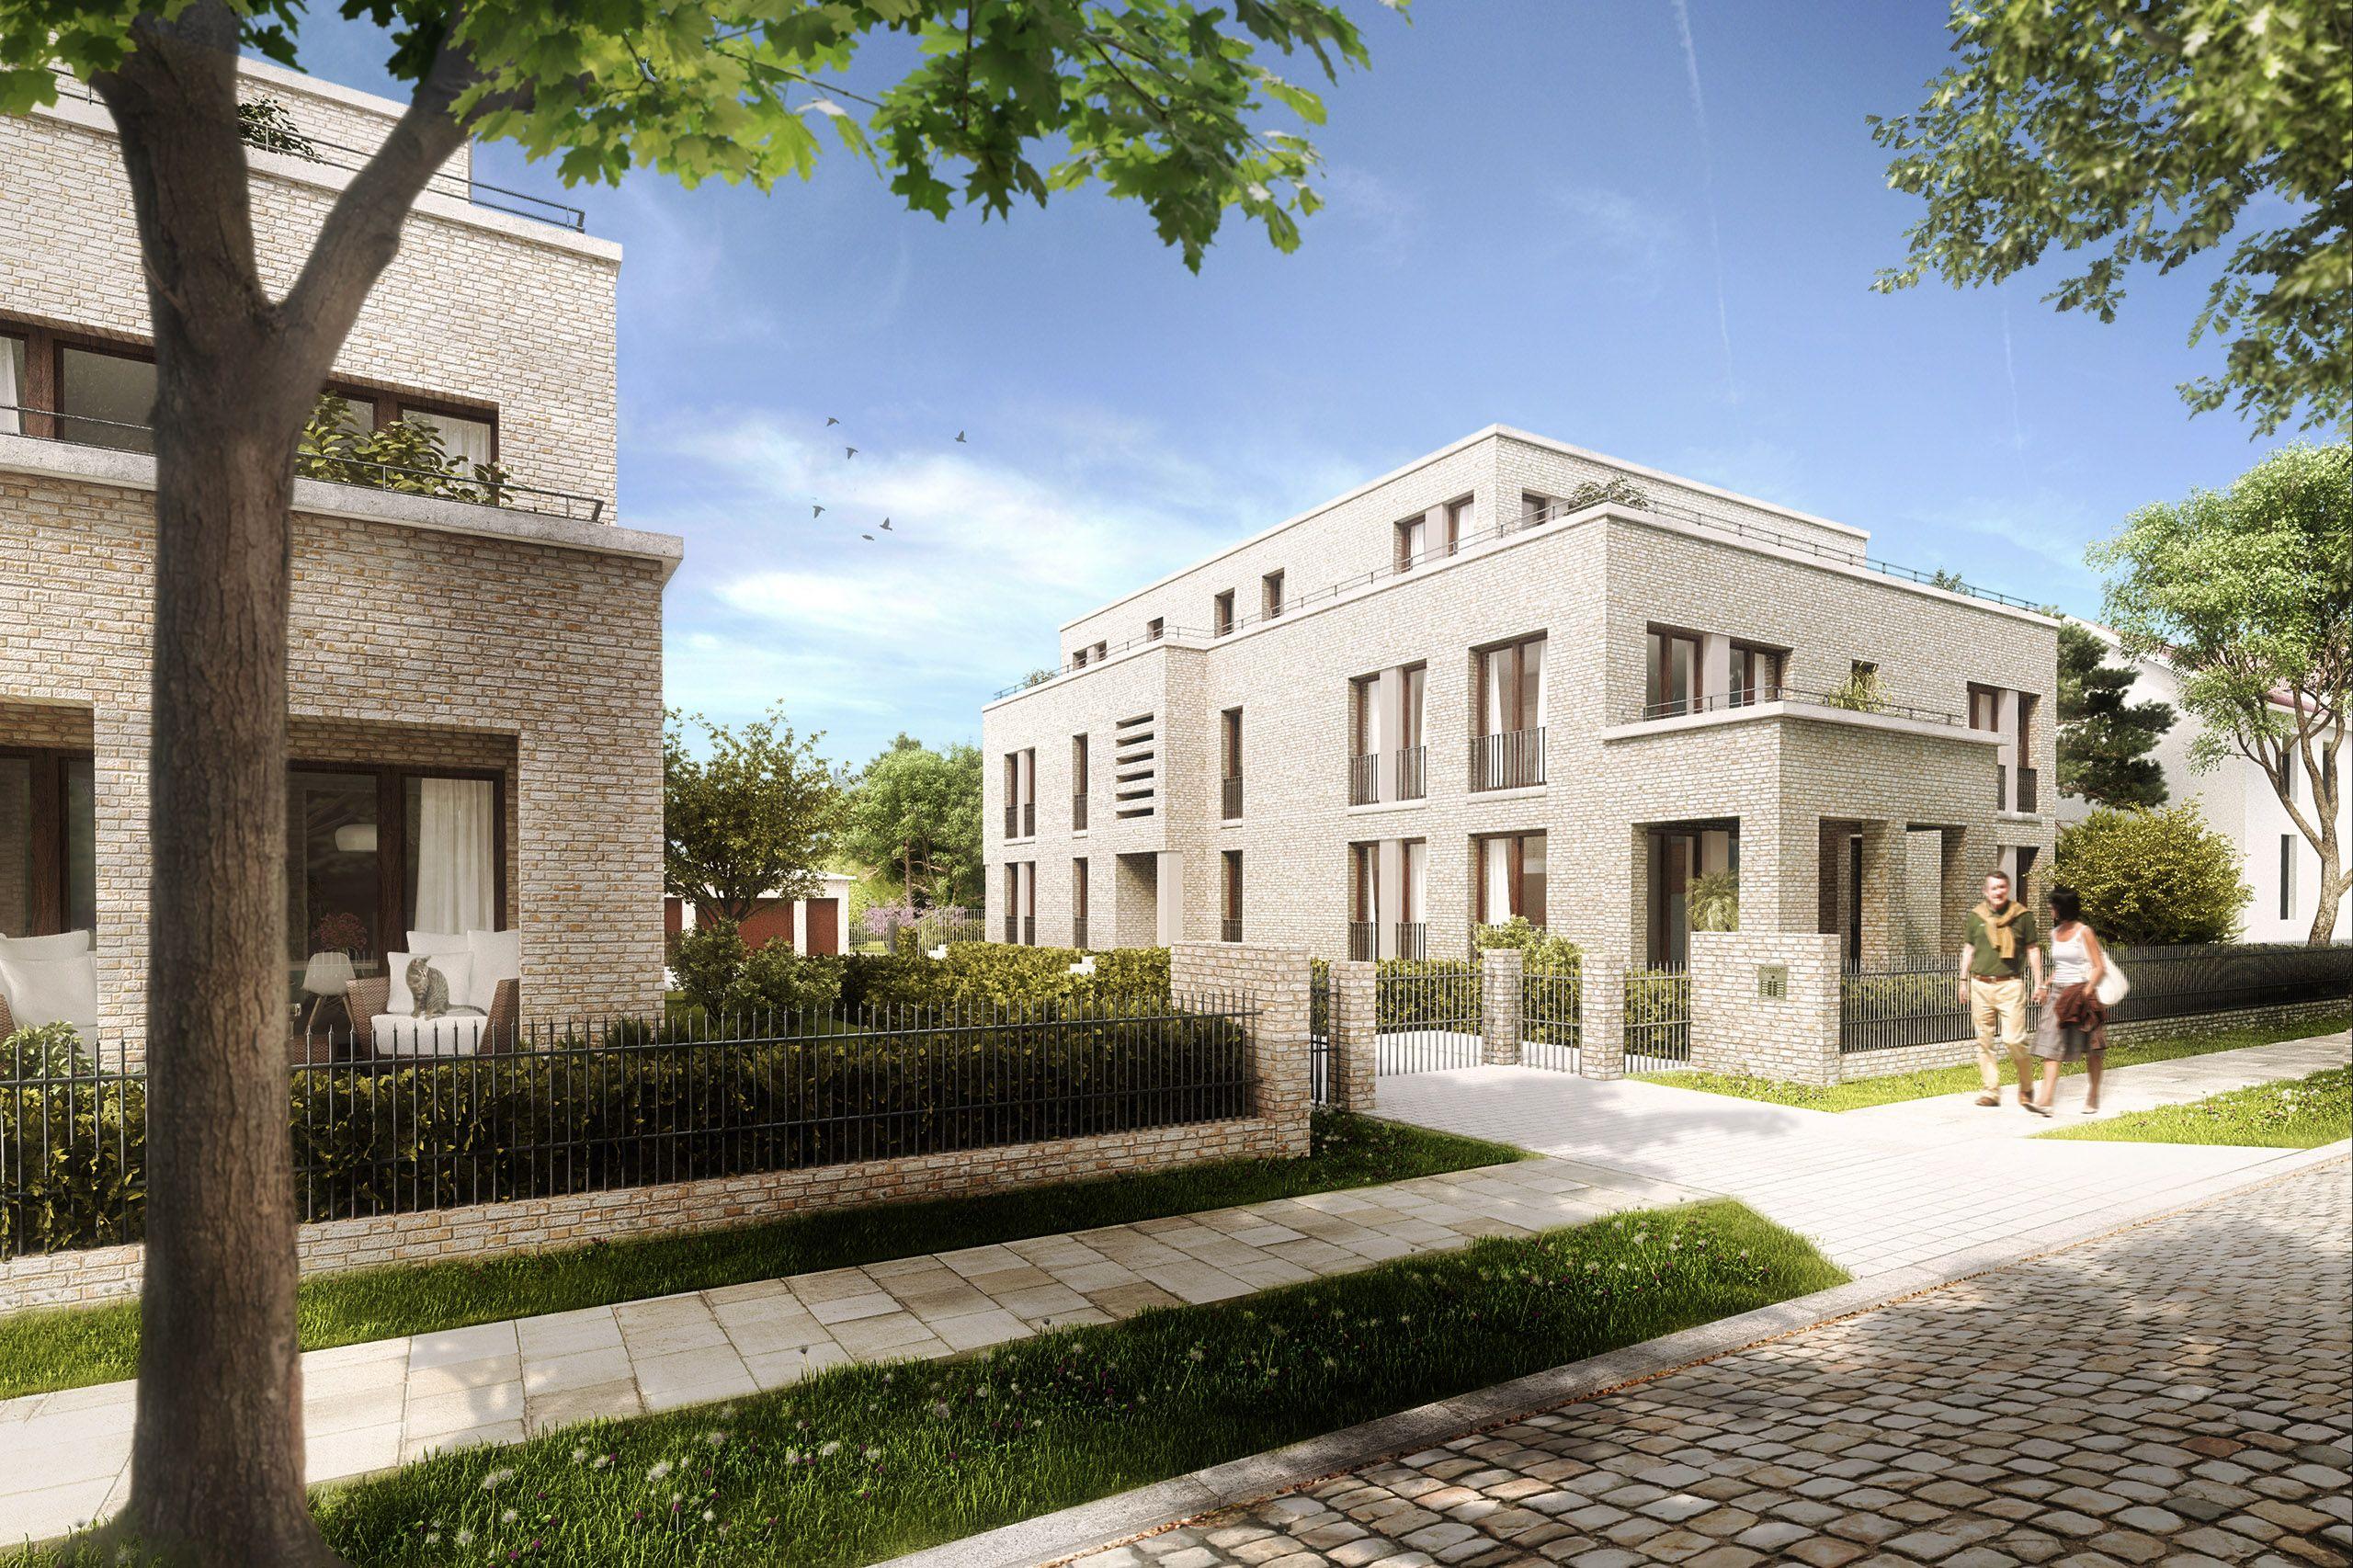 3d Architekturvisualisierung potsdam petershagener straße residential render manufaktur